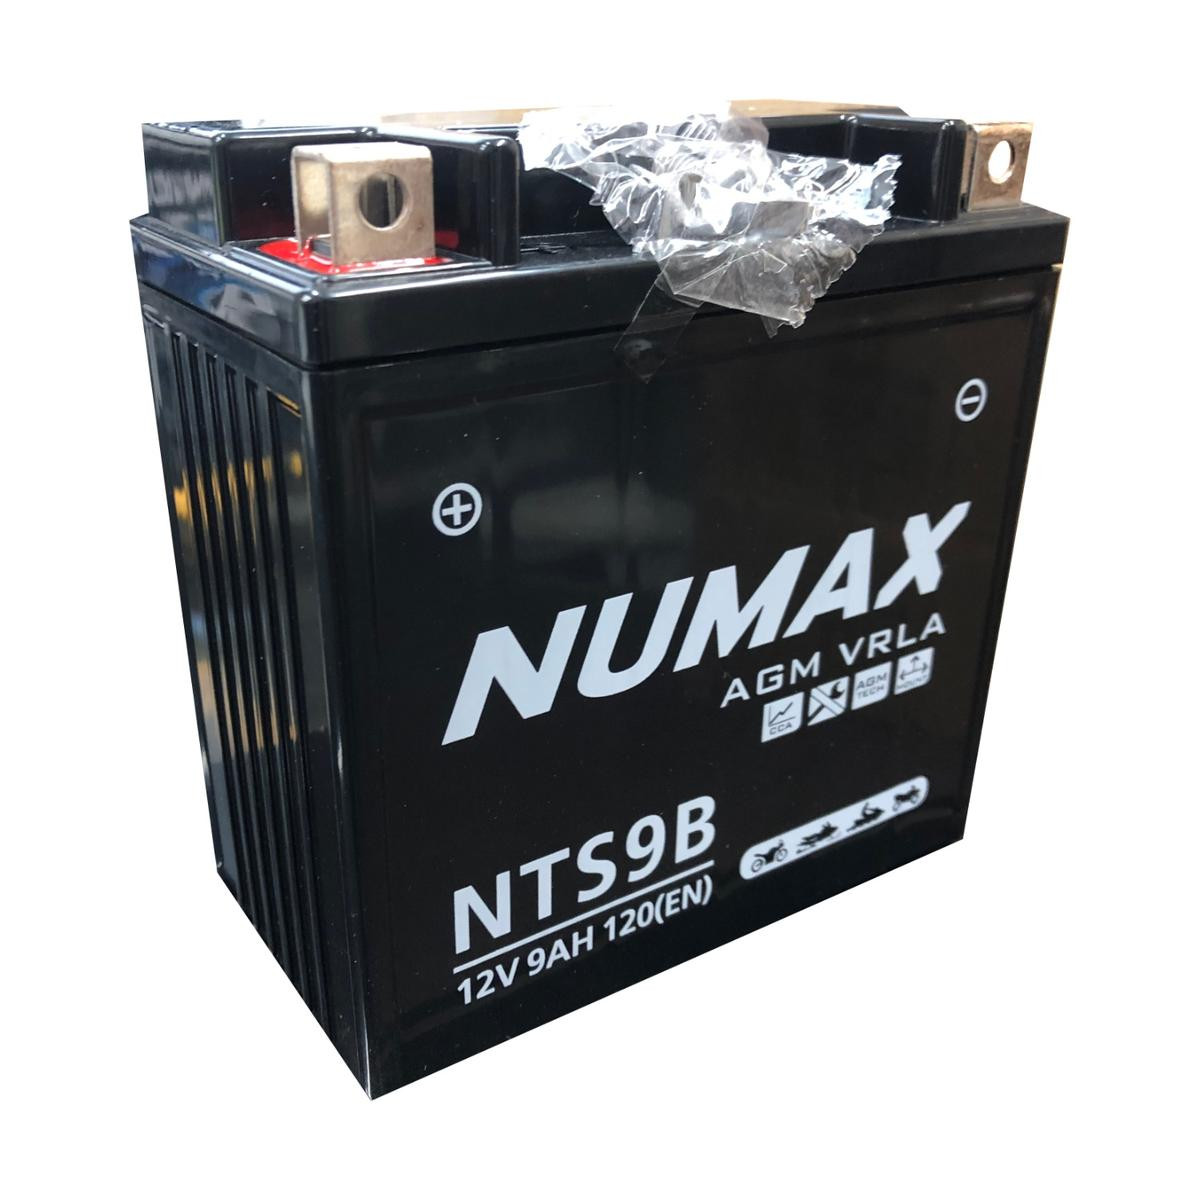 Numax NTS9B 12v Bike Motorbike Motorcycle Battery PIAGGIO-VESPA 125cc XR2 YB9L-B